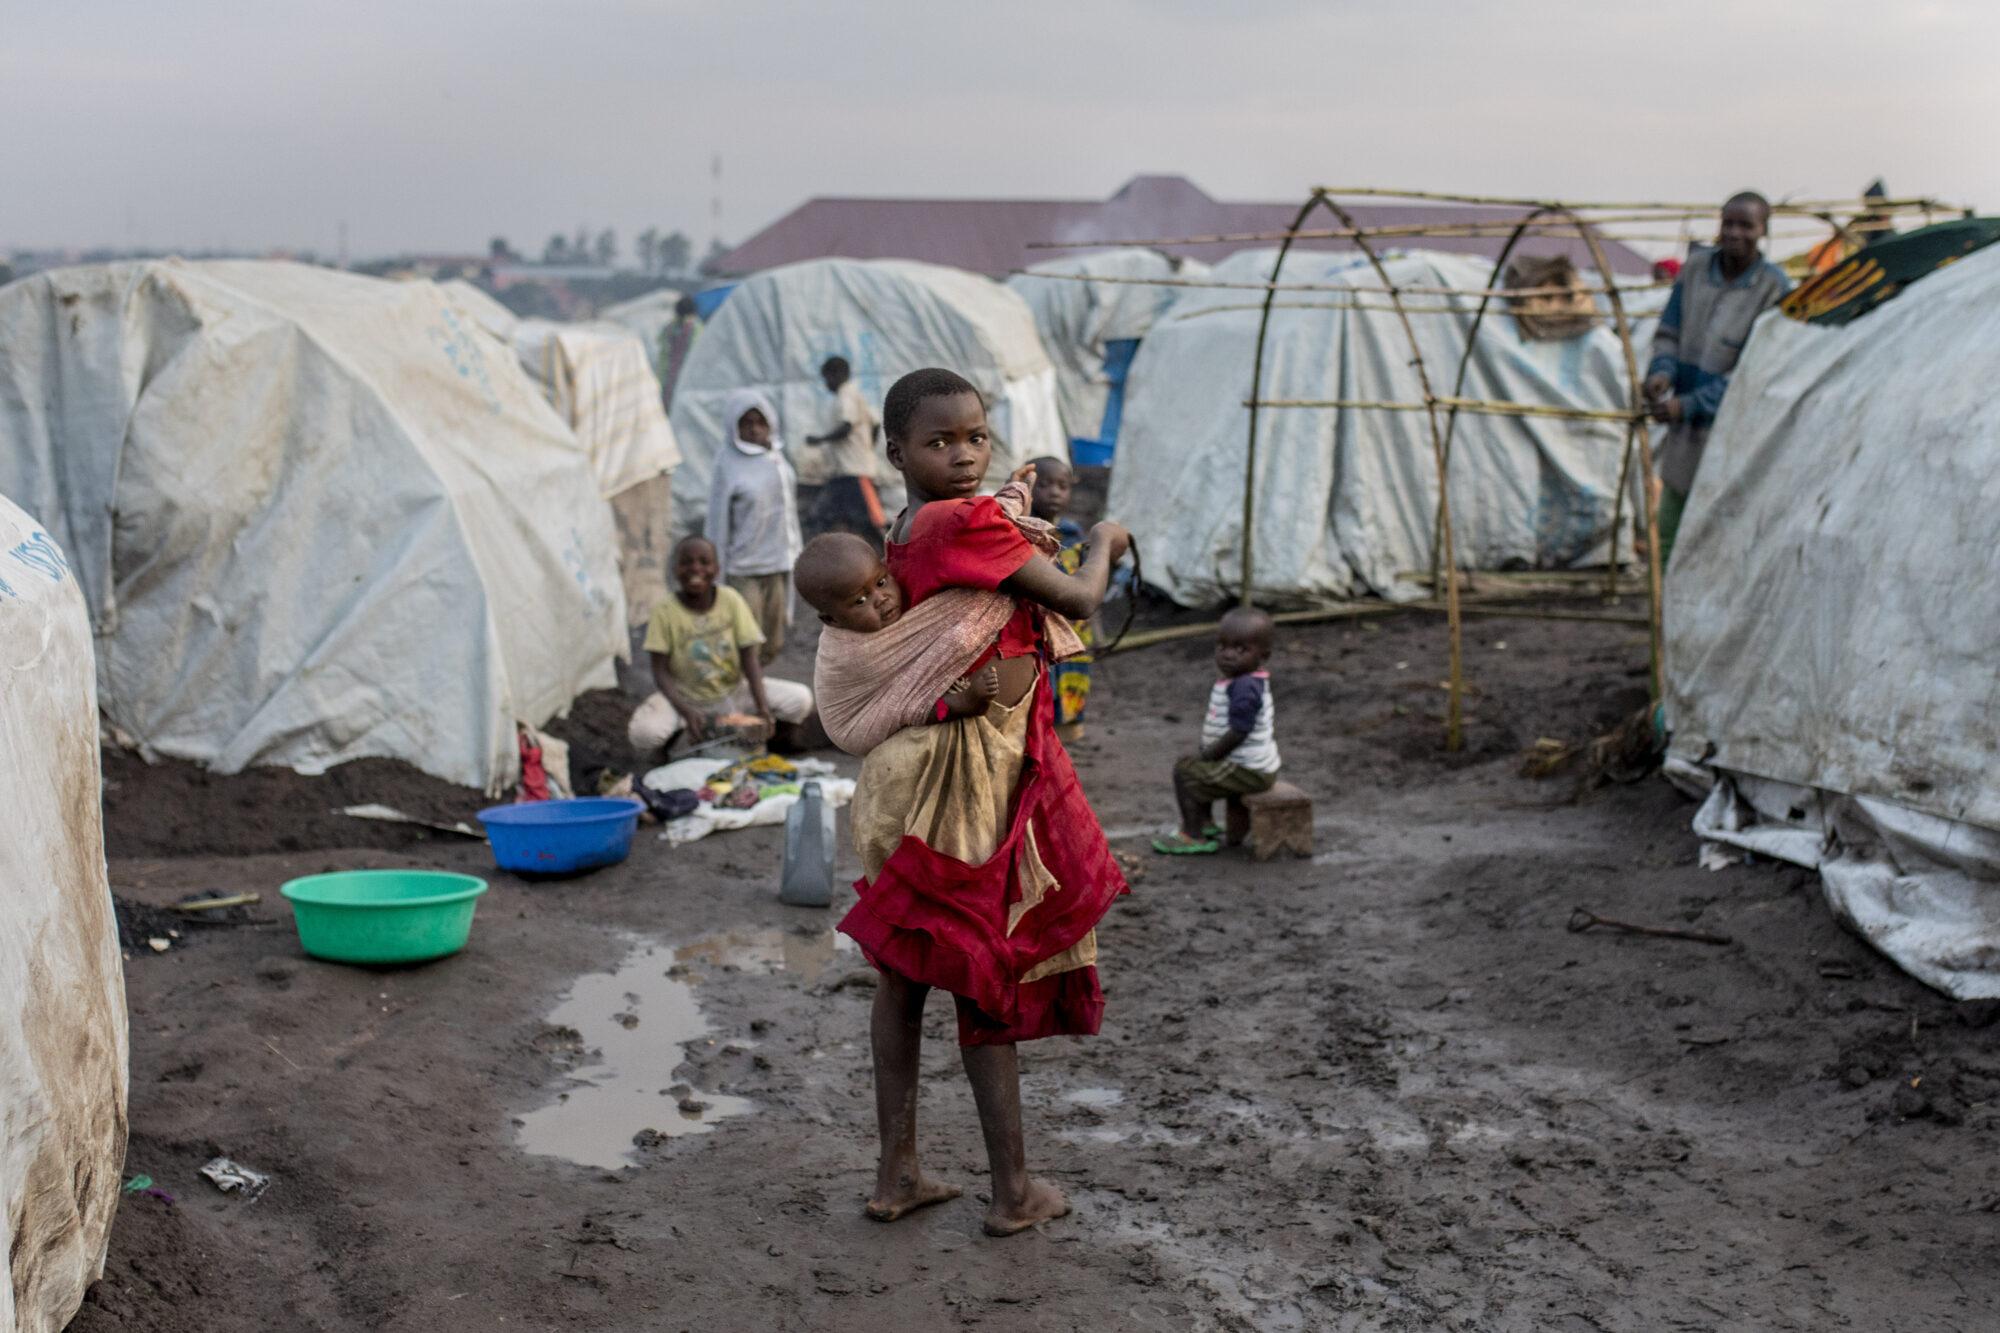 Tyttö kantaa sisartaan pakolaisleirillä Buniassa.